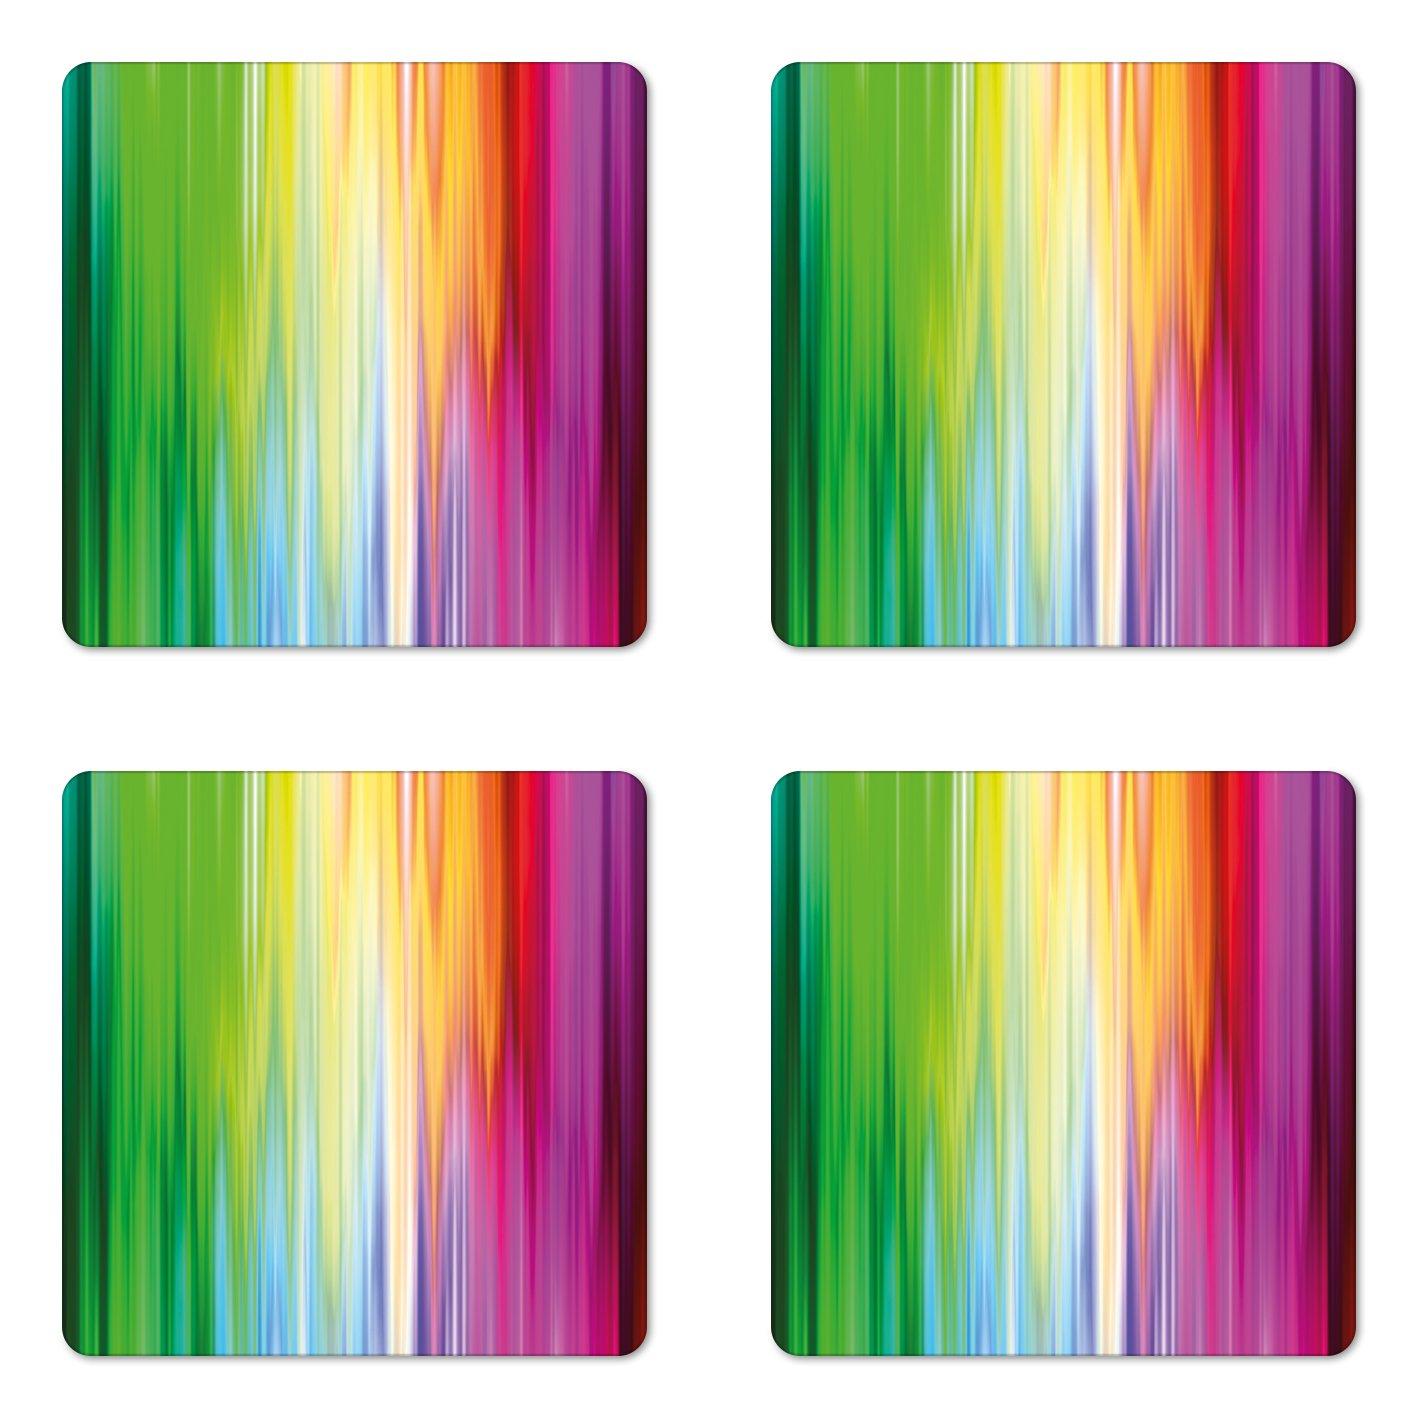 10g colores mezclados los árboles de Navidad Lentejuelas 16.0 mm x 14,0 Mm Precio reducido